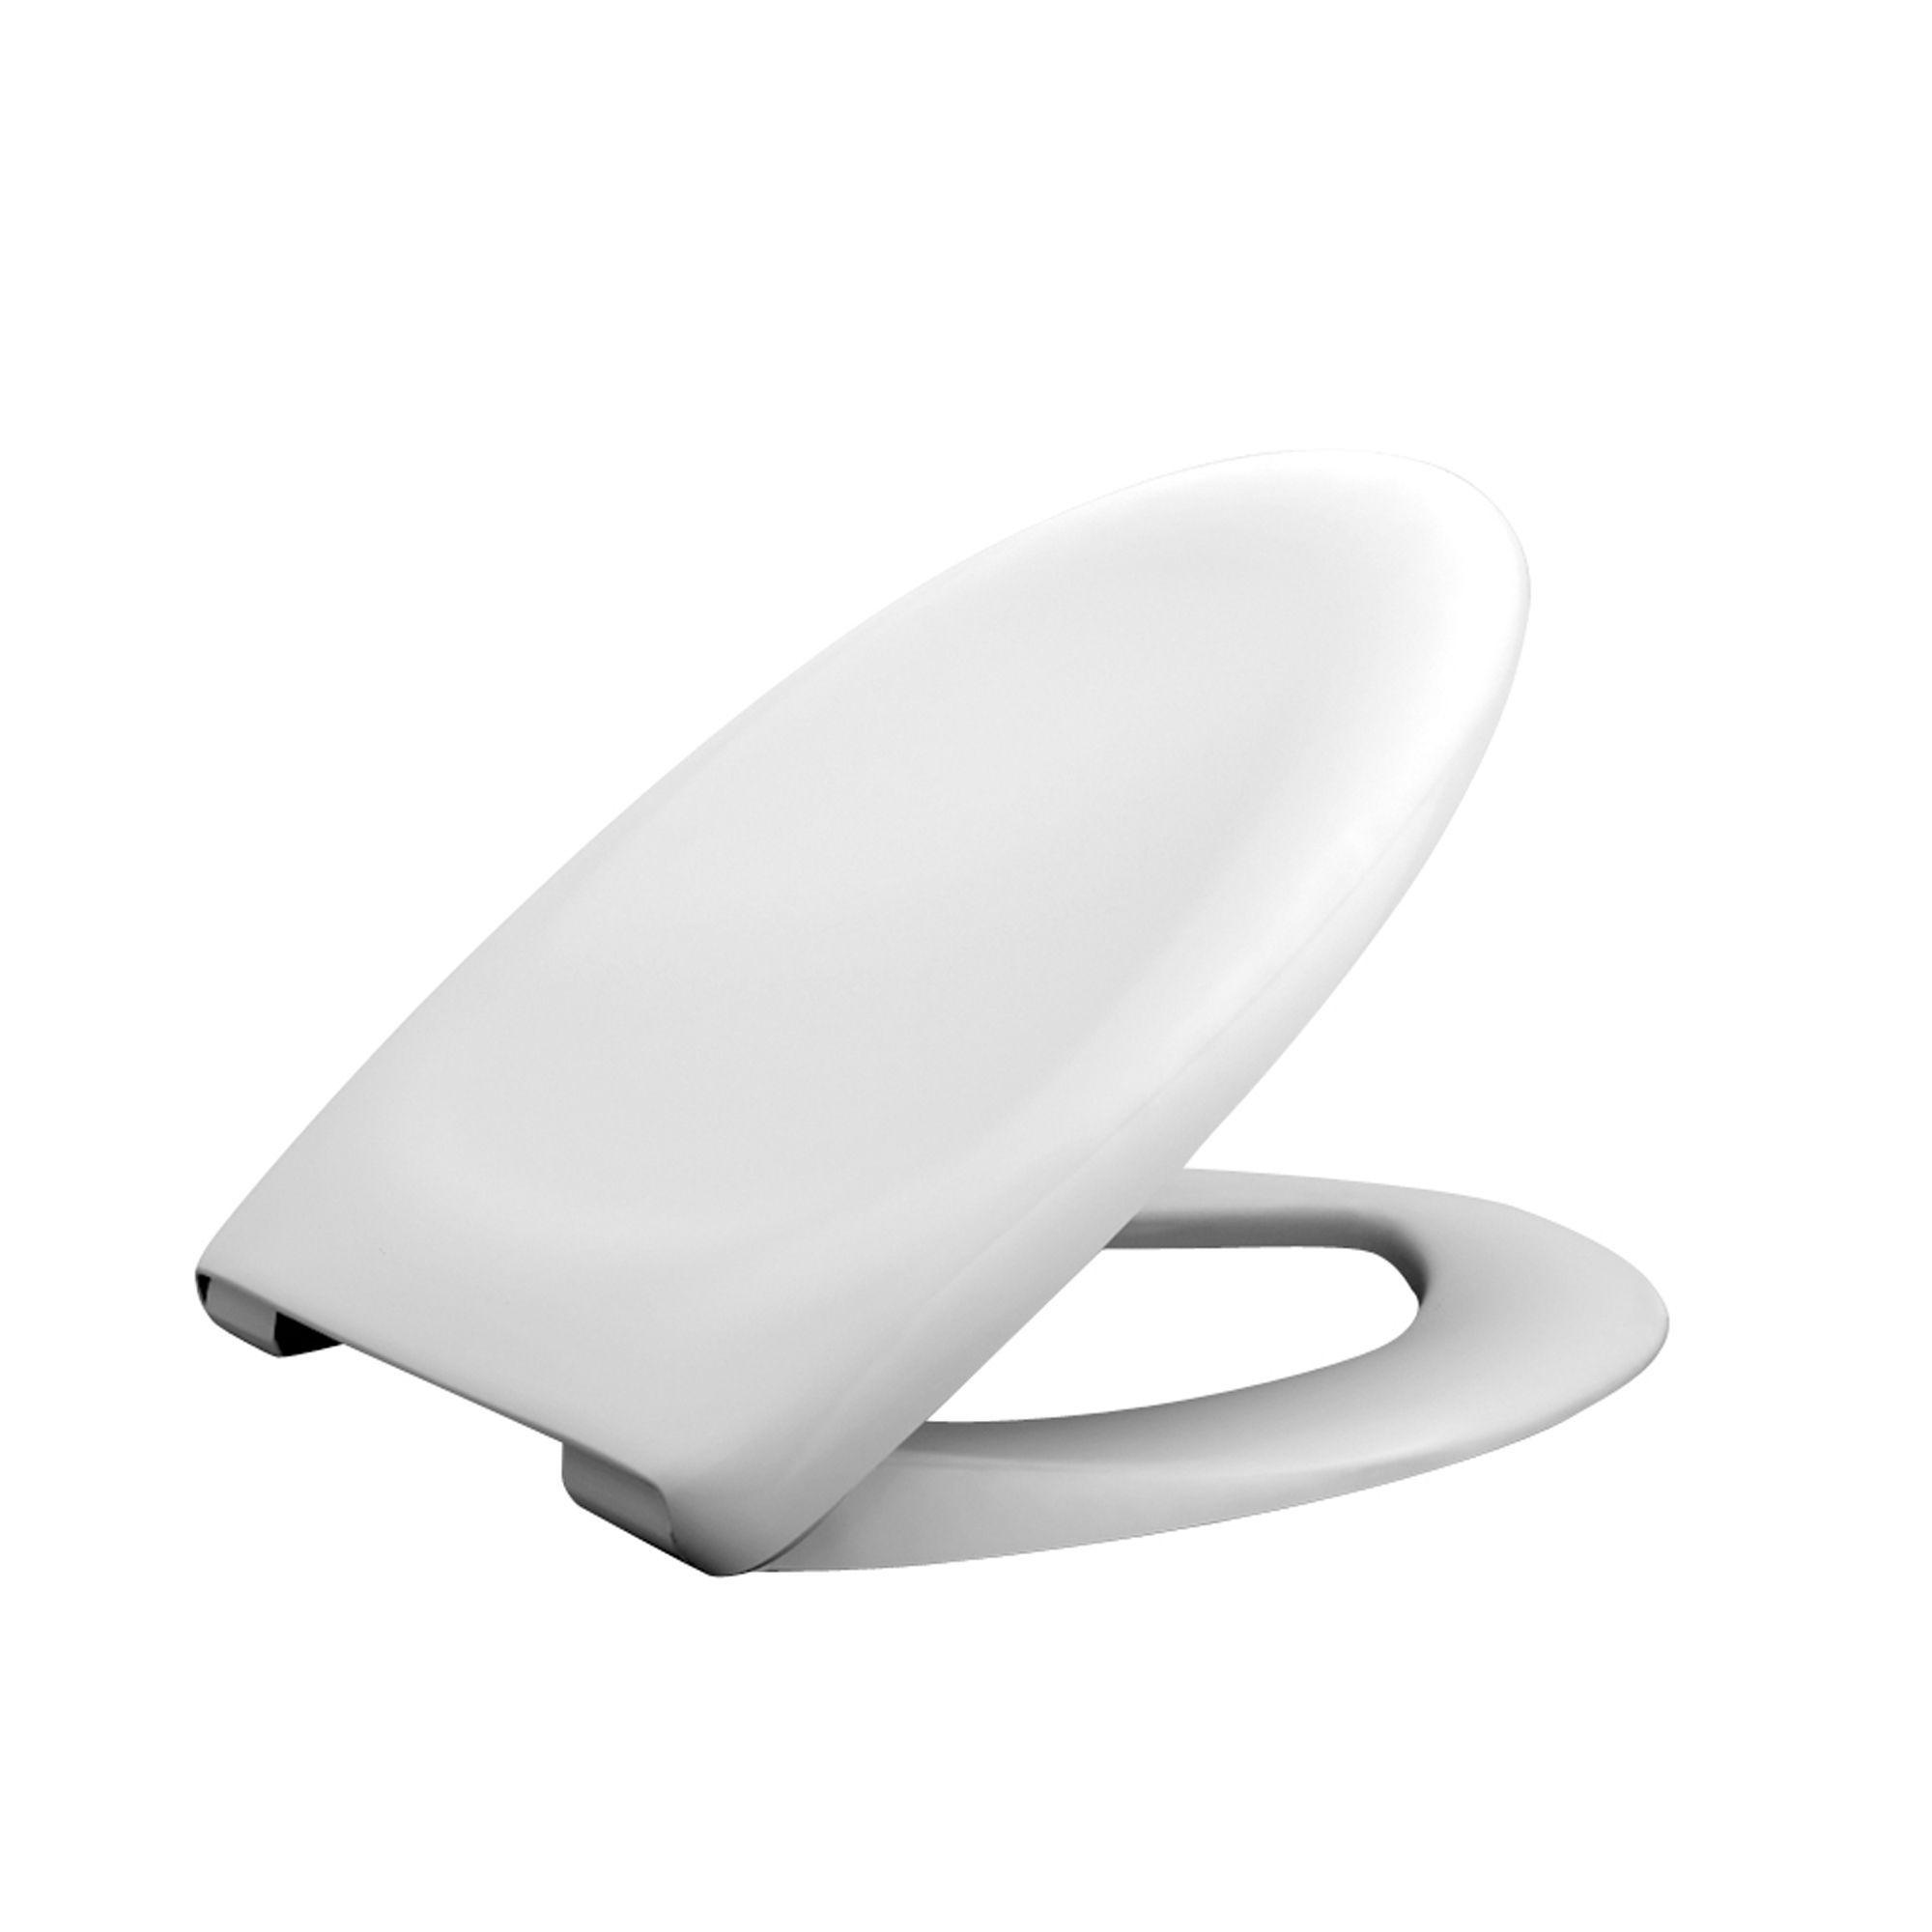 White Plastic Toilet Seat DIY